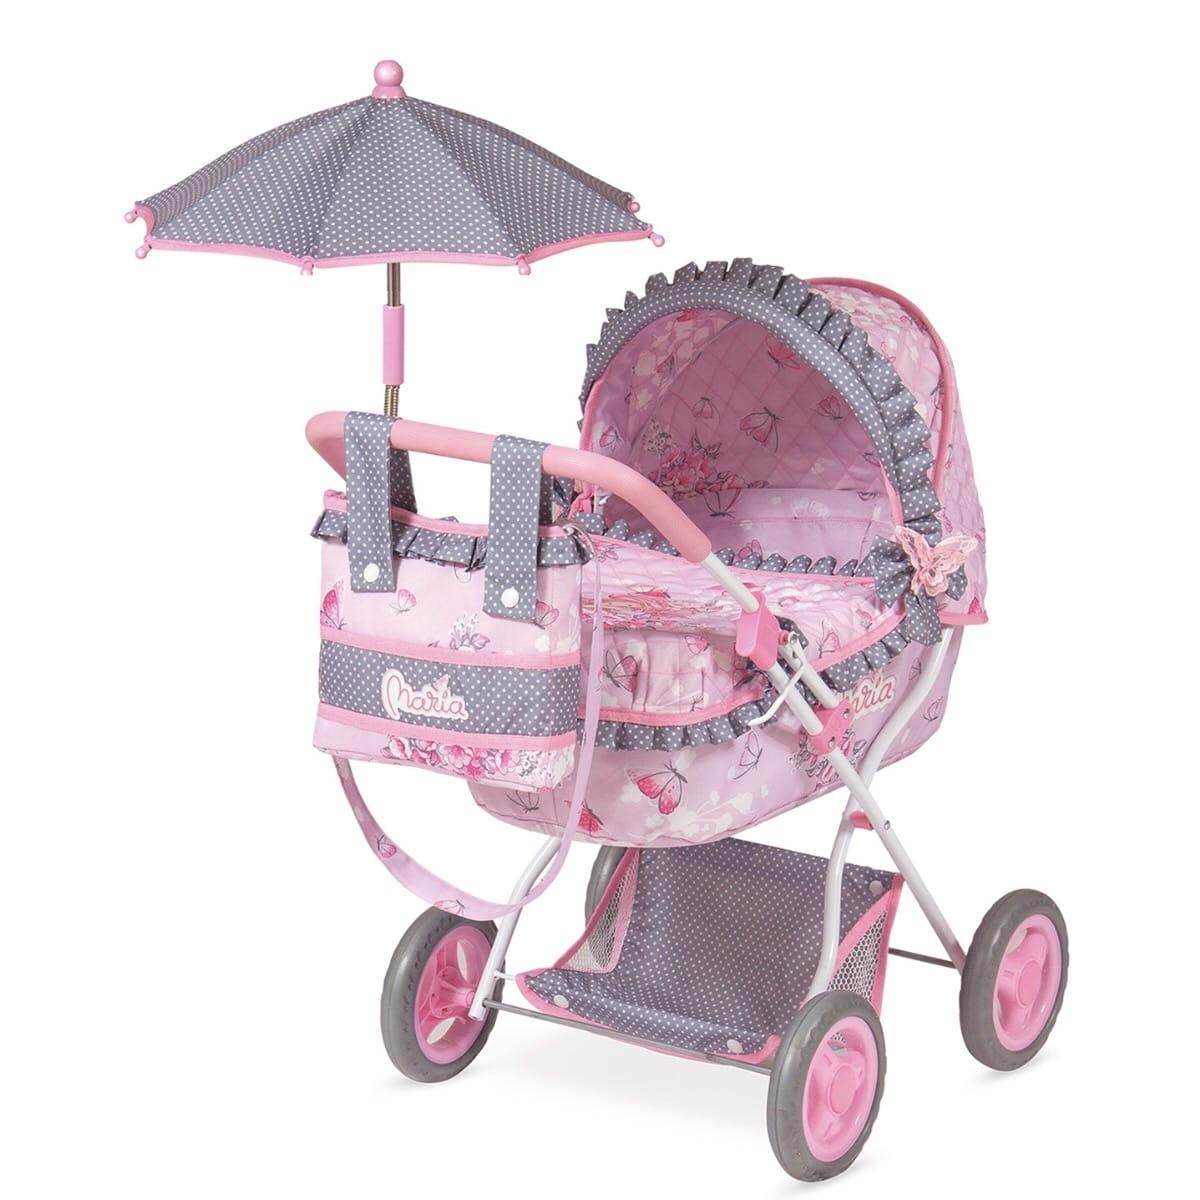 Коляска для кукол Decuevas 85017 Мария - 65 см (с сумкой и зонтиком)